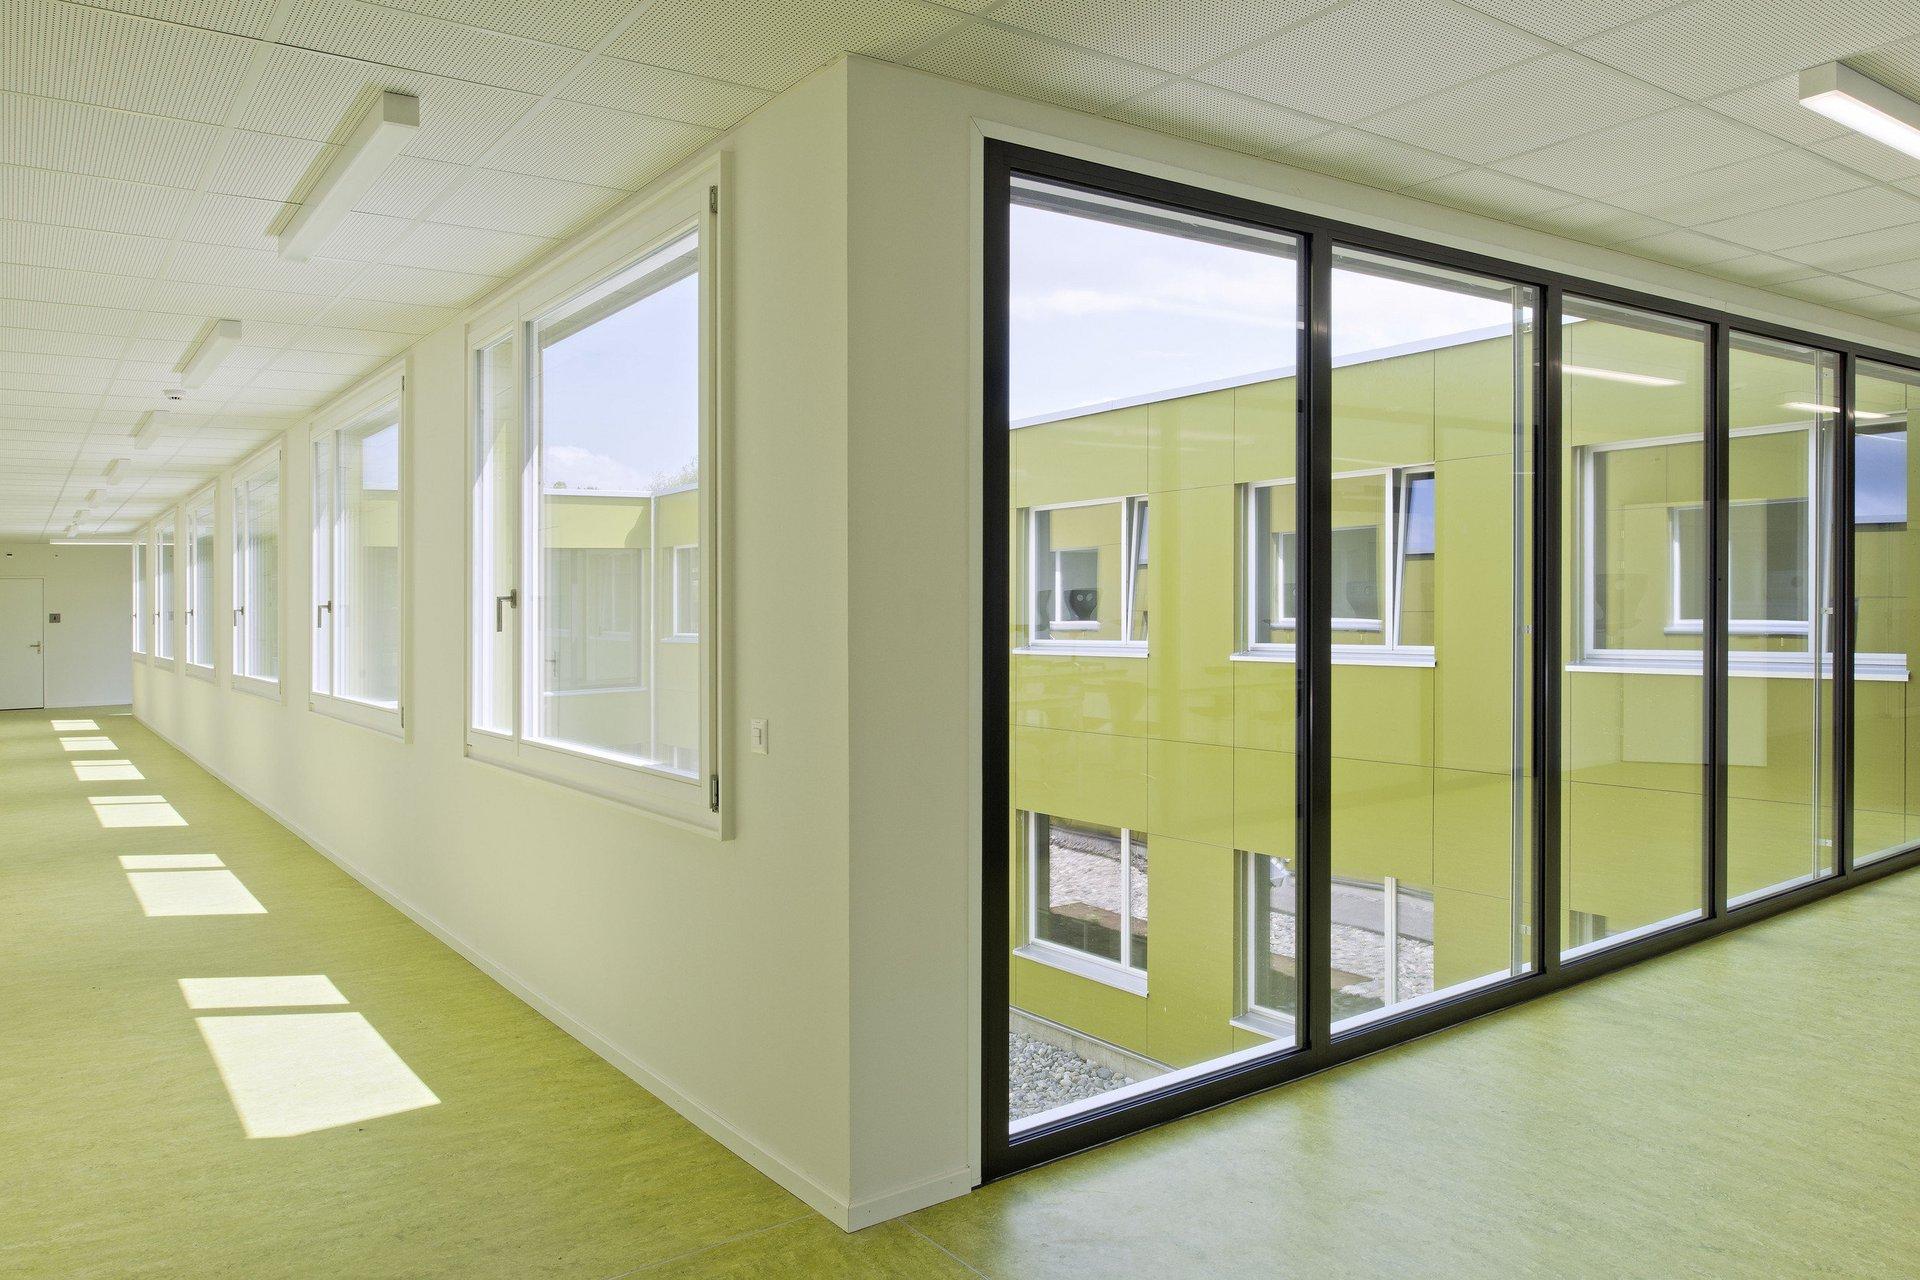 Lichtdurchfluteter Flur in Schulgebäude mit Glaswand und gleichmässig grossen Fenstern